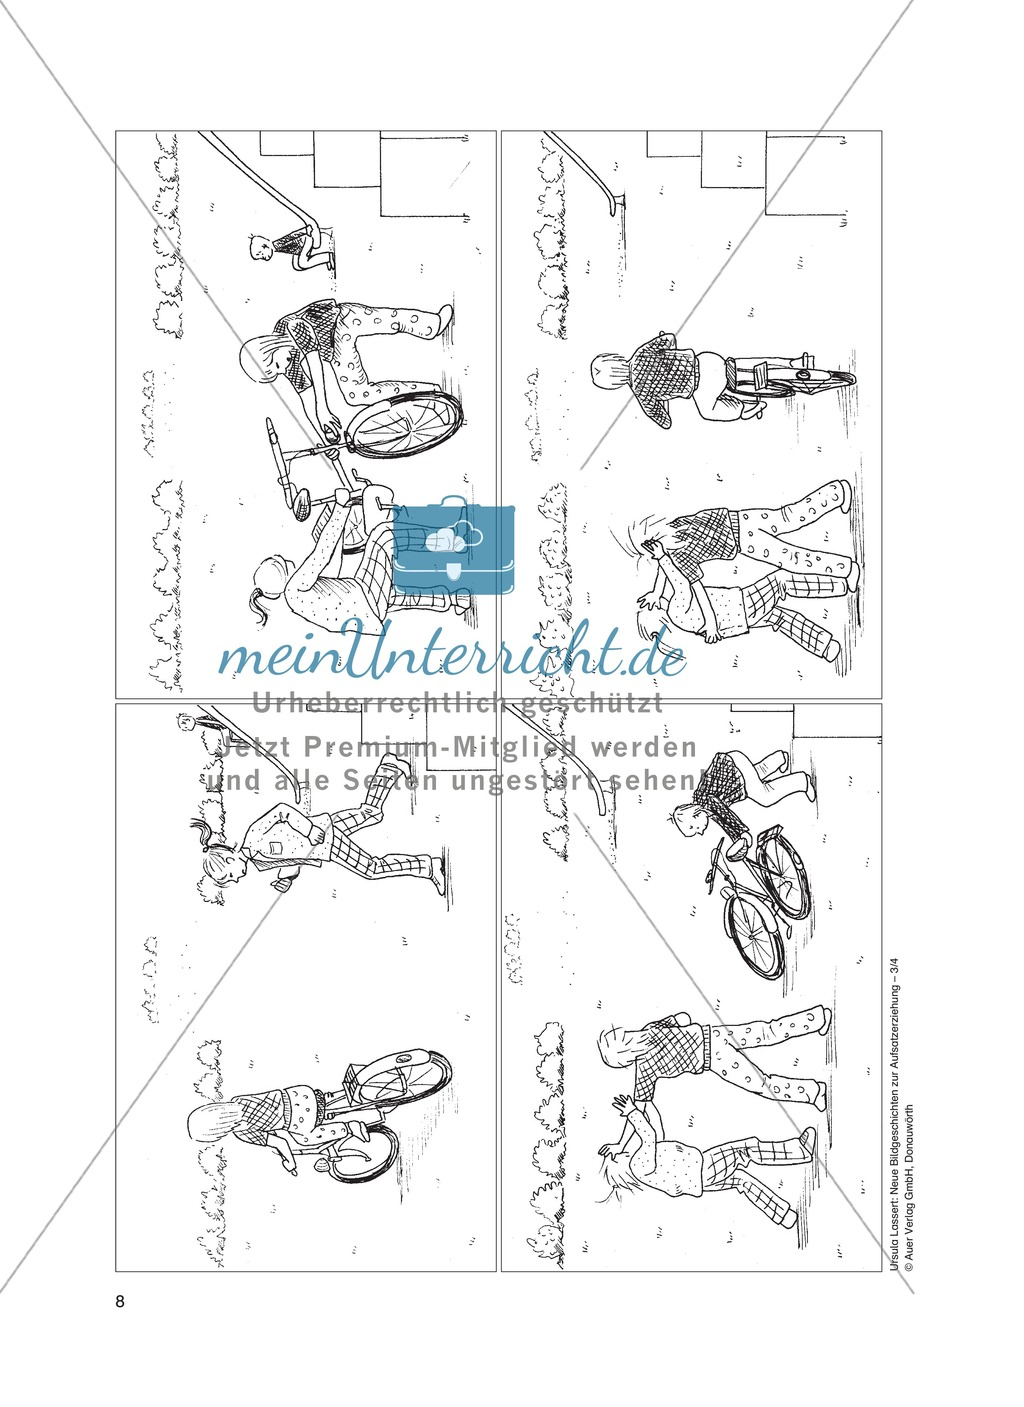 bildergeschichten im du - streit um ein fahrrad: arbeitsblätter